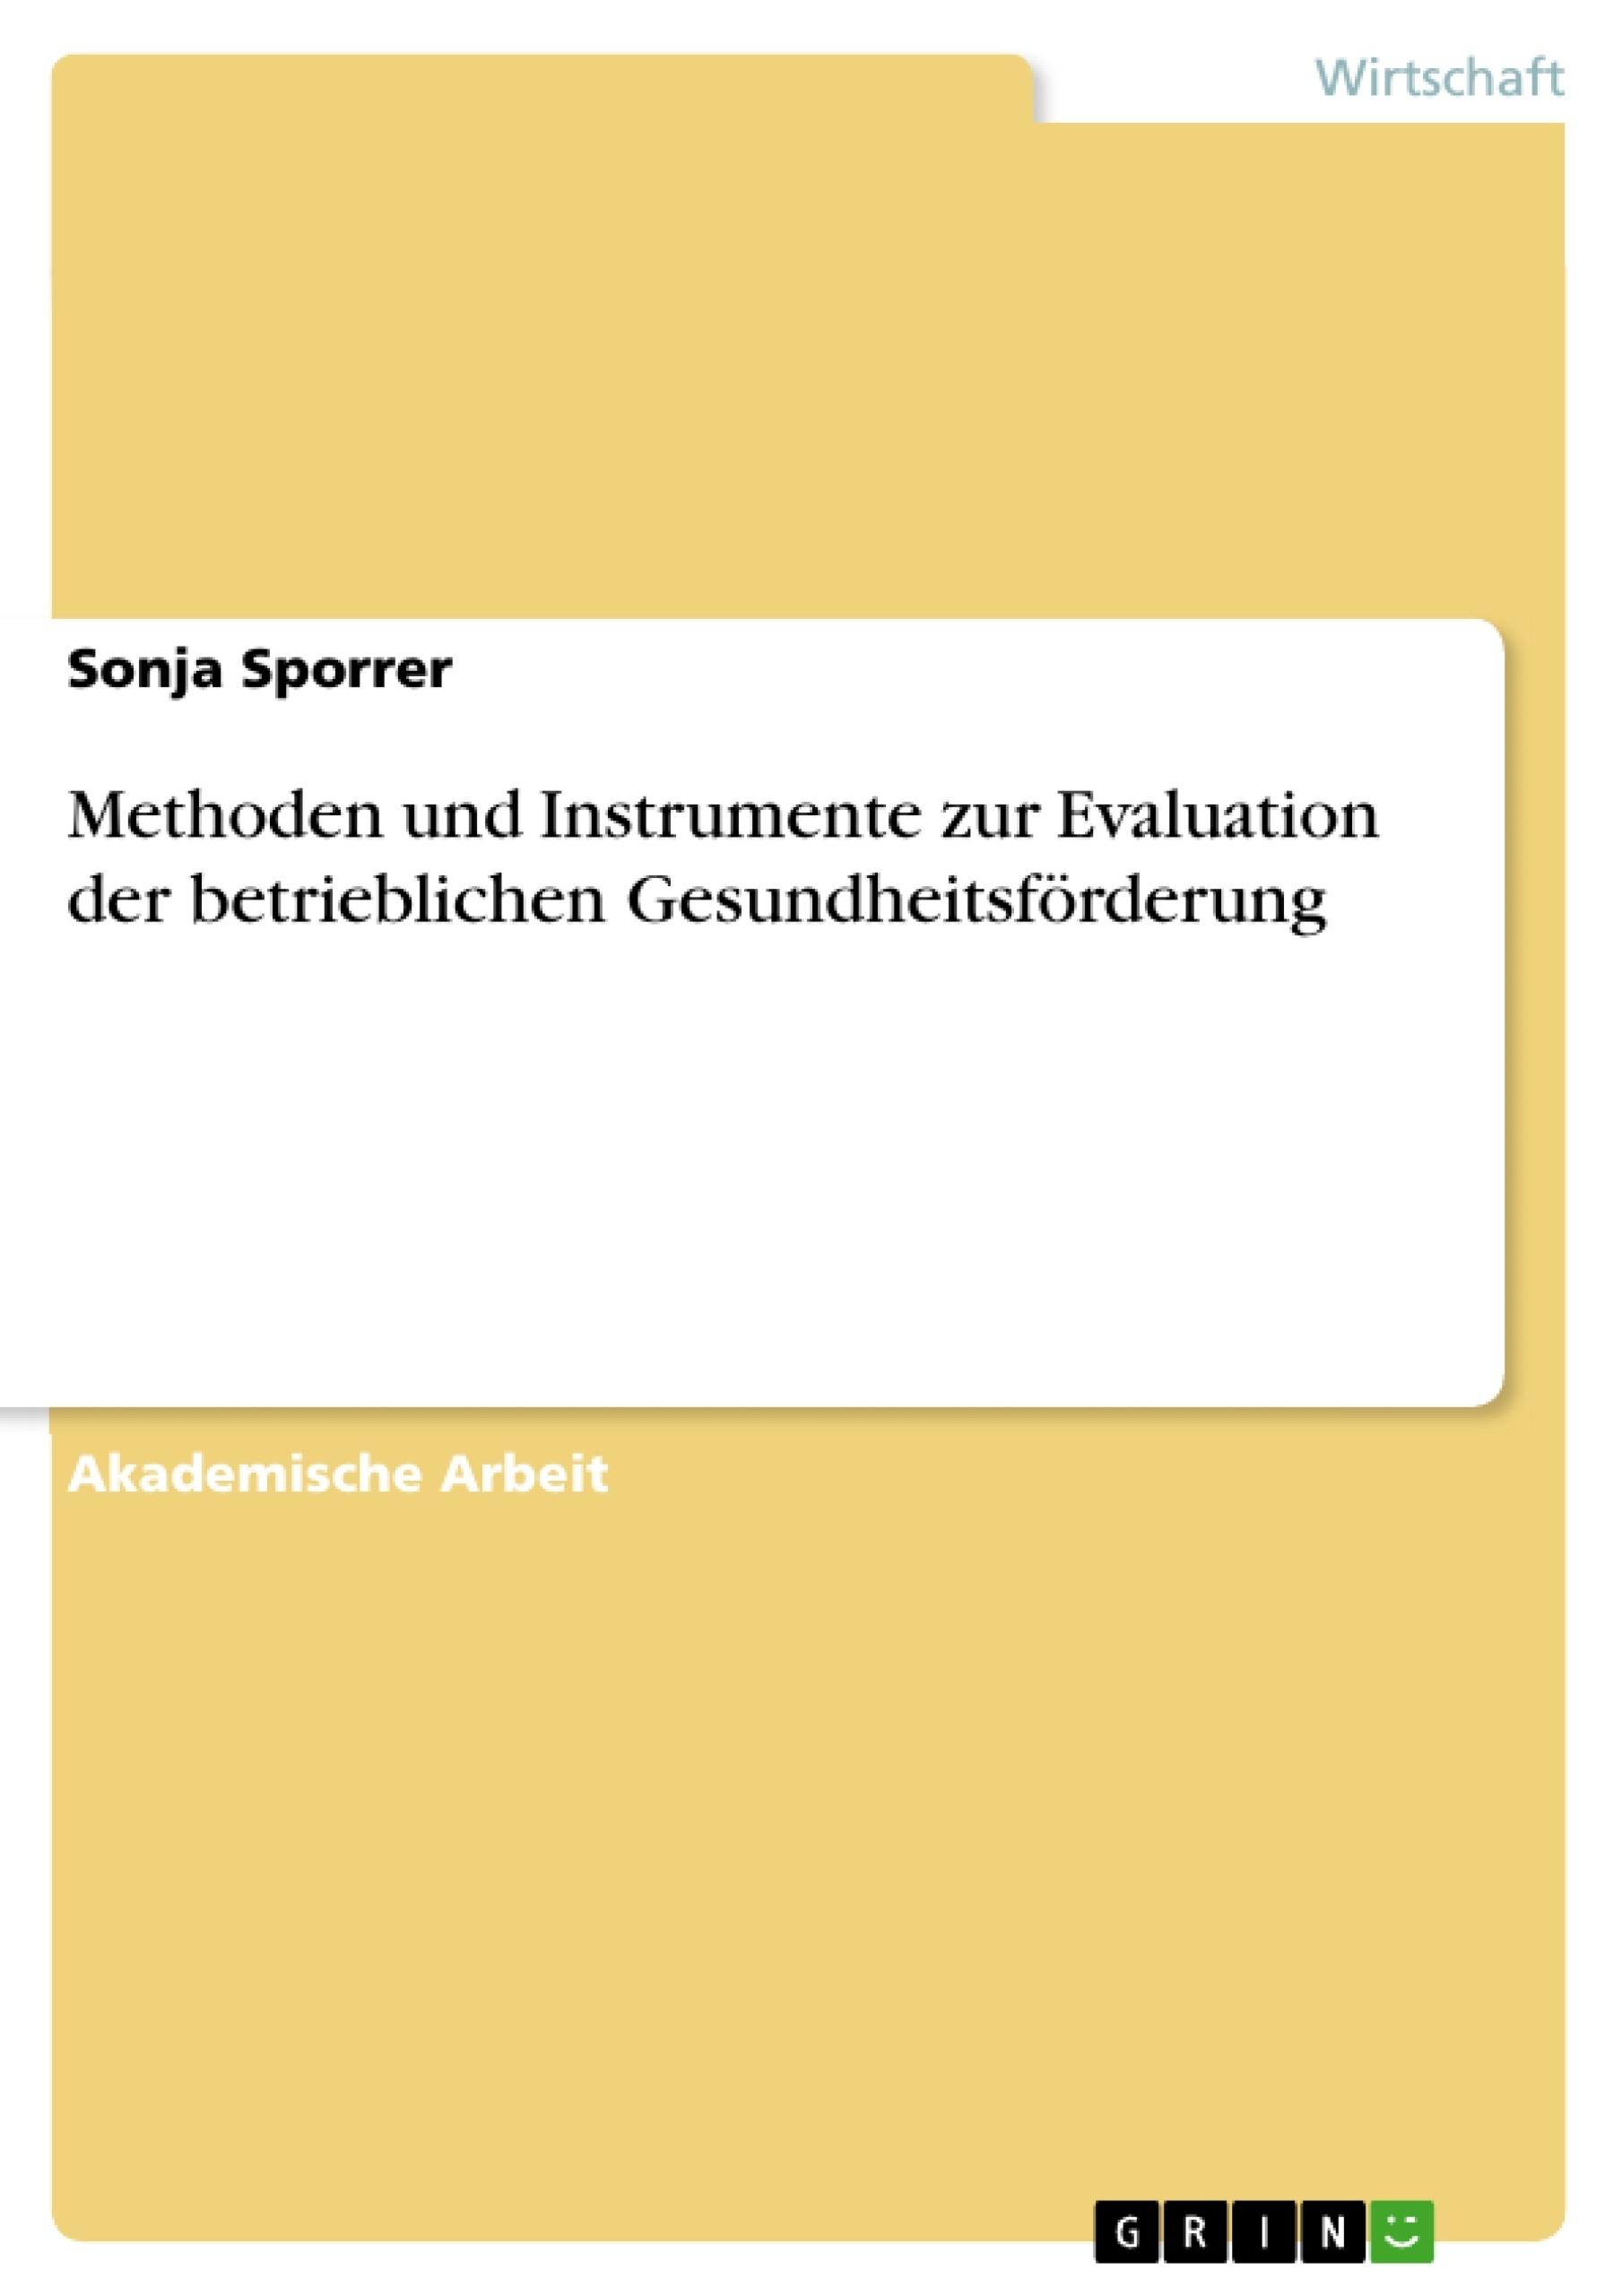 Titel: Methoden und Instrumente zur Evaluation der betrieblichen Gesundheitsförderung